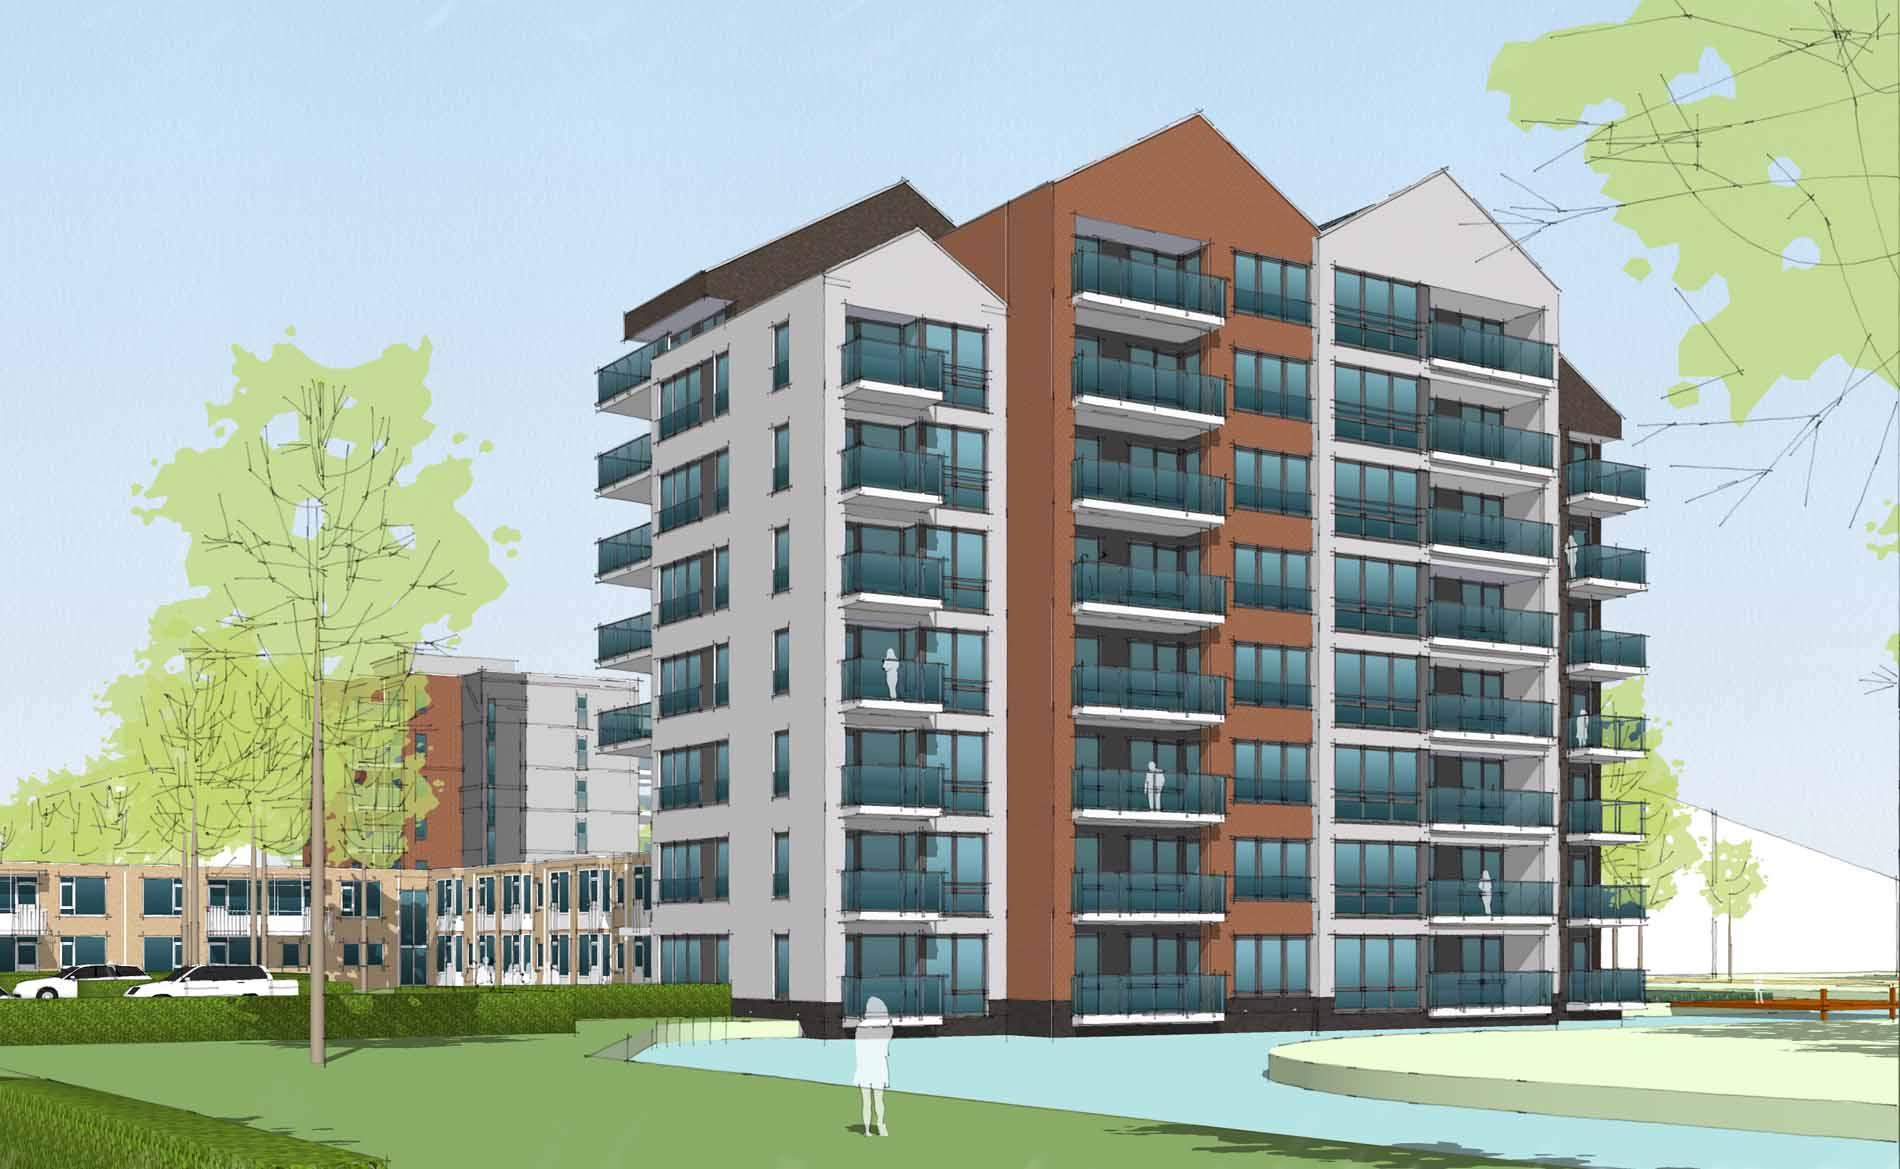 appartementen woonzorg Amandelbloesem Wormeveer BBHD architecten